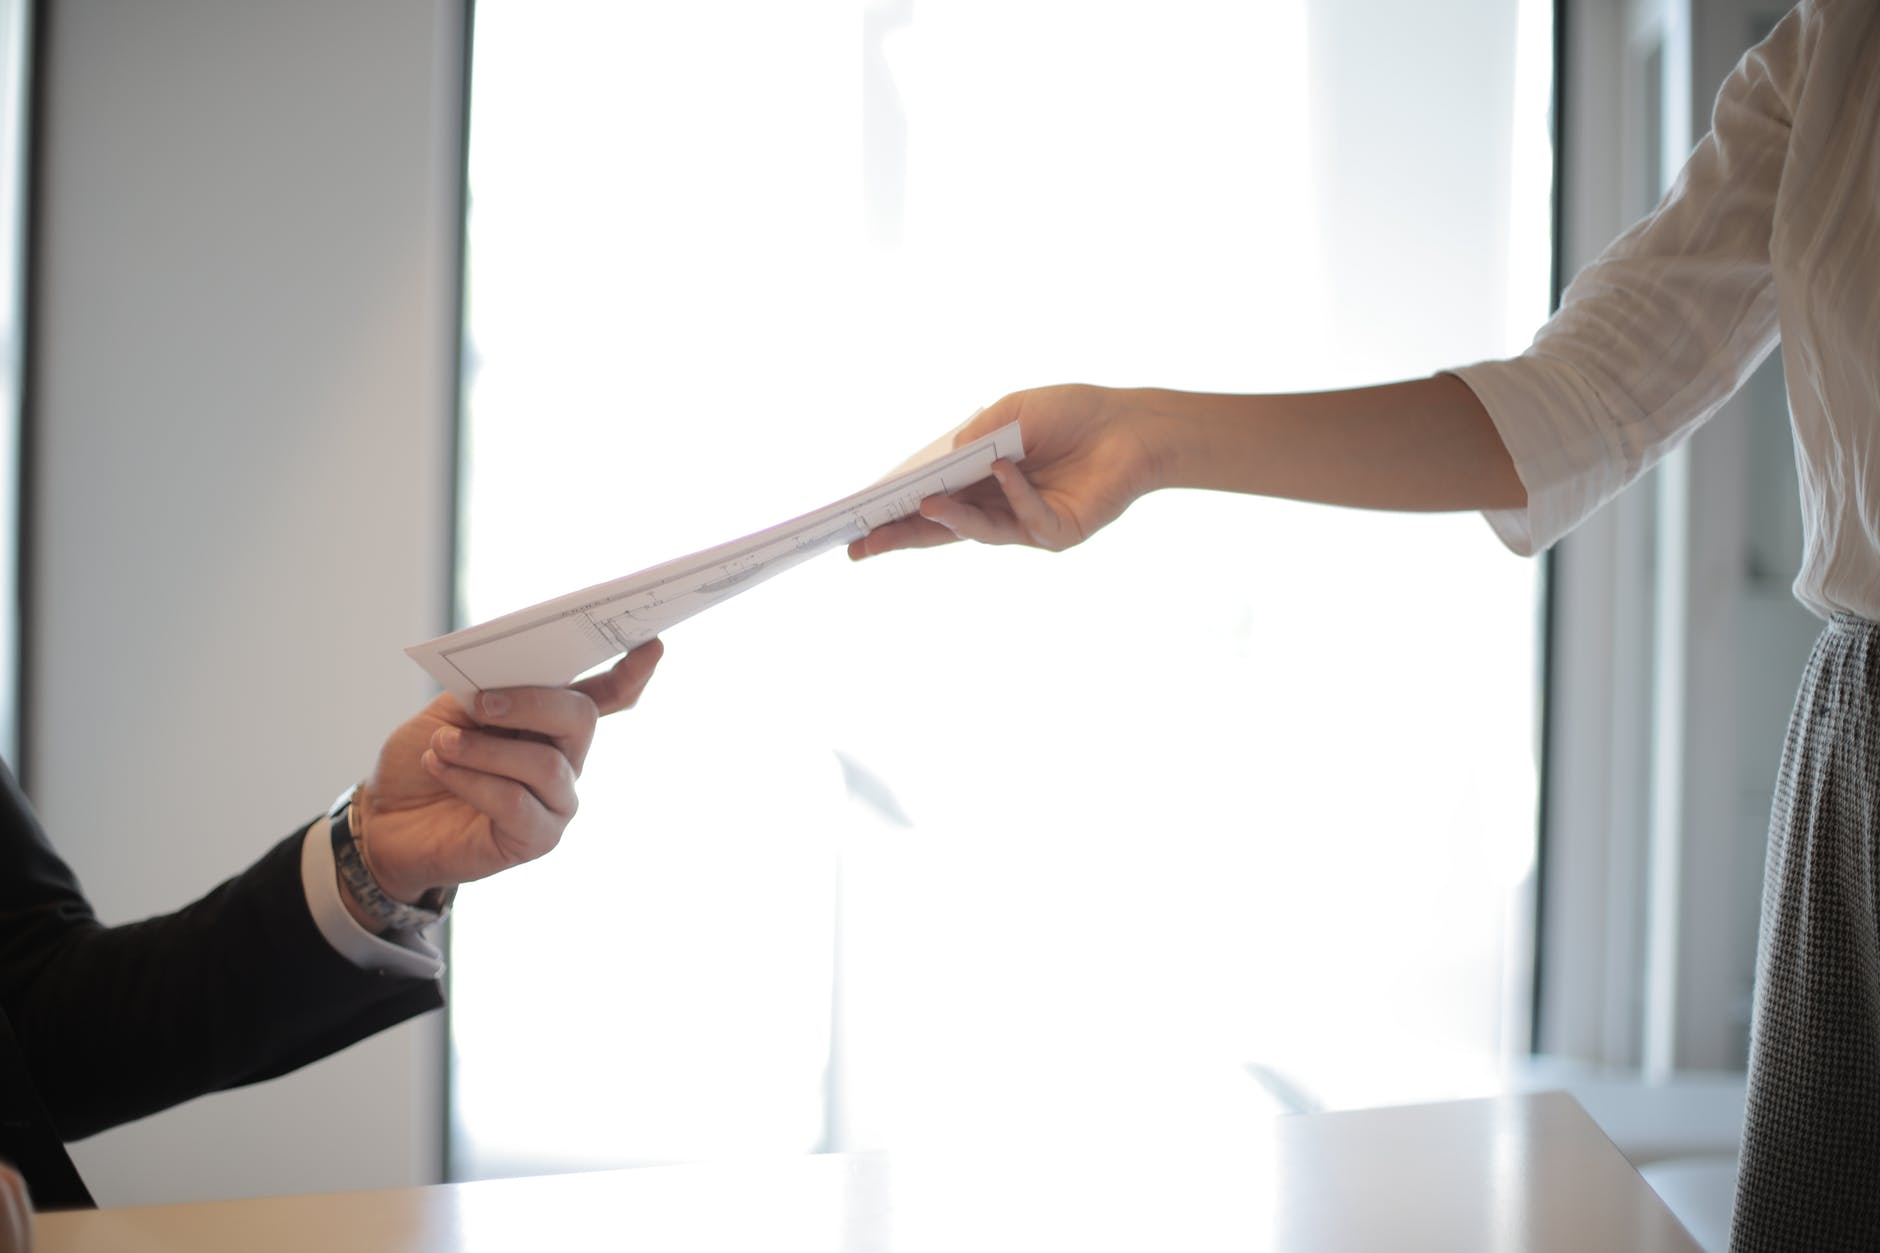 pessoa entregando um documento em mãos para outra.